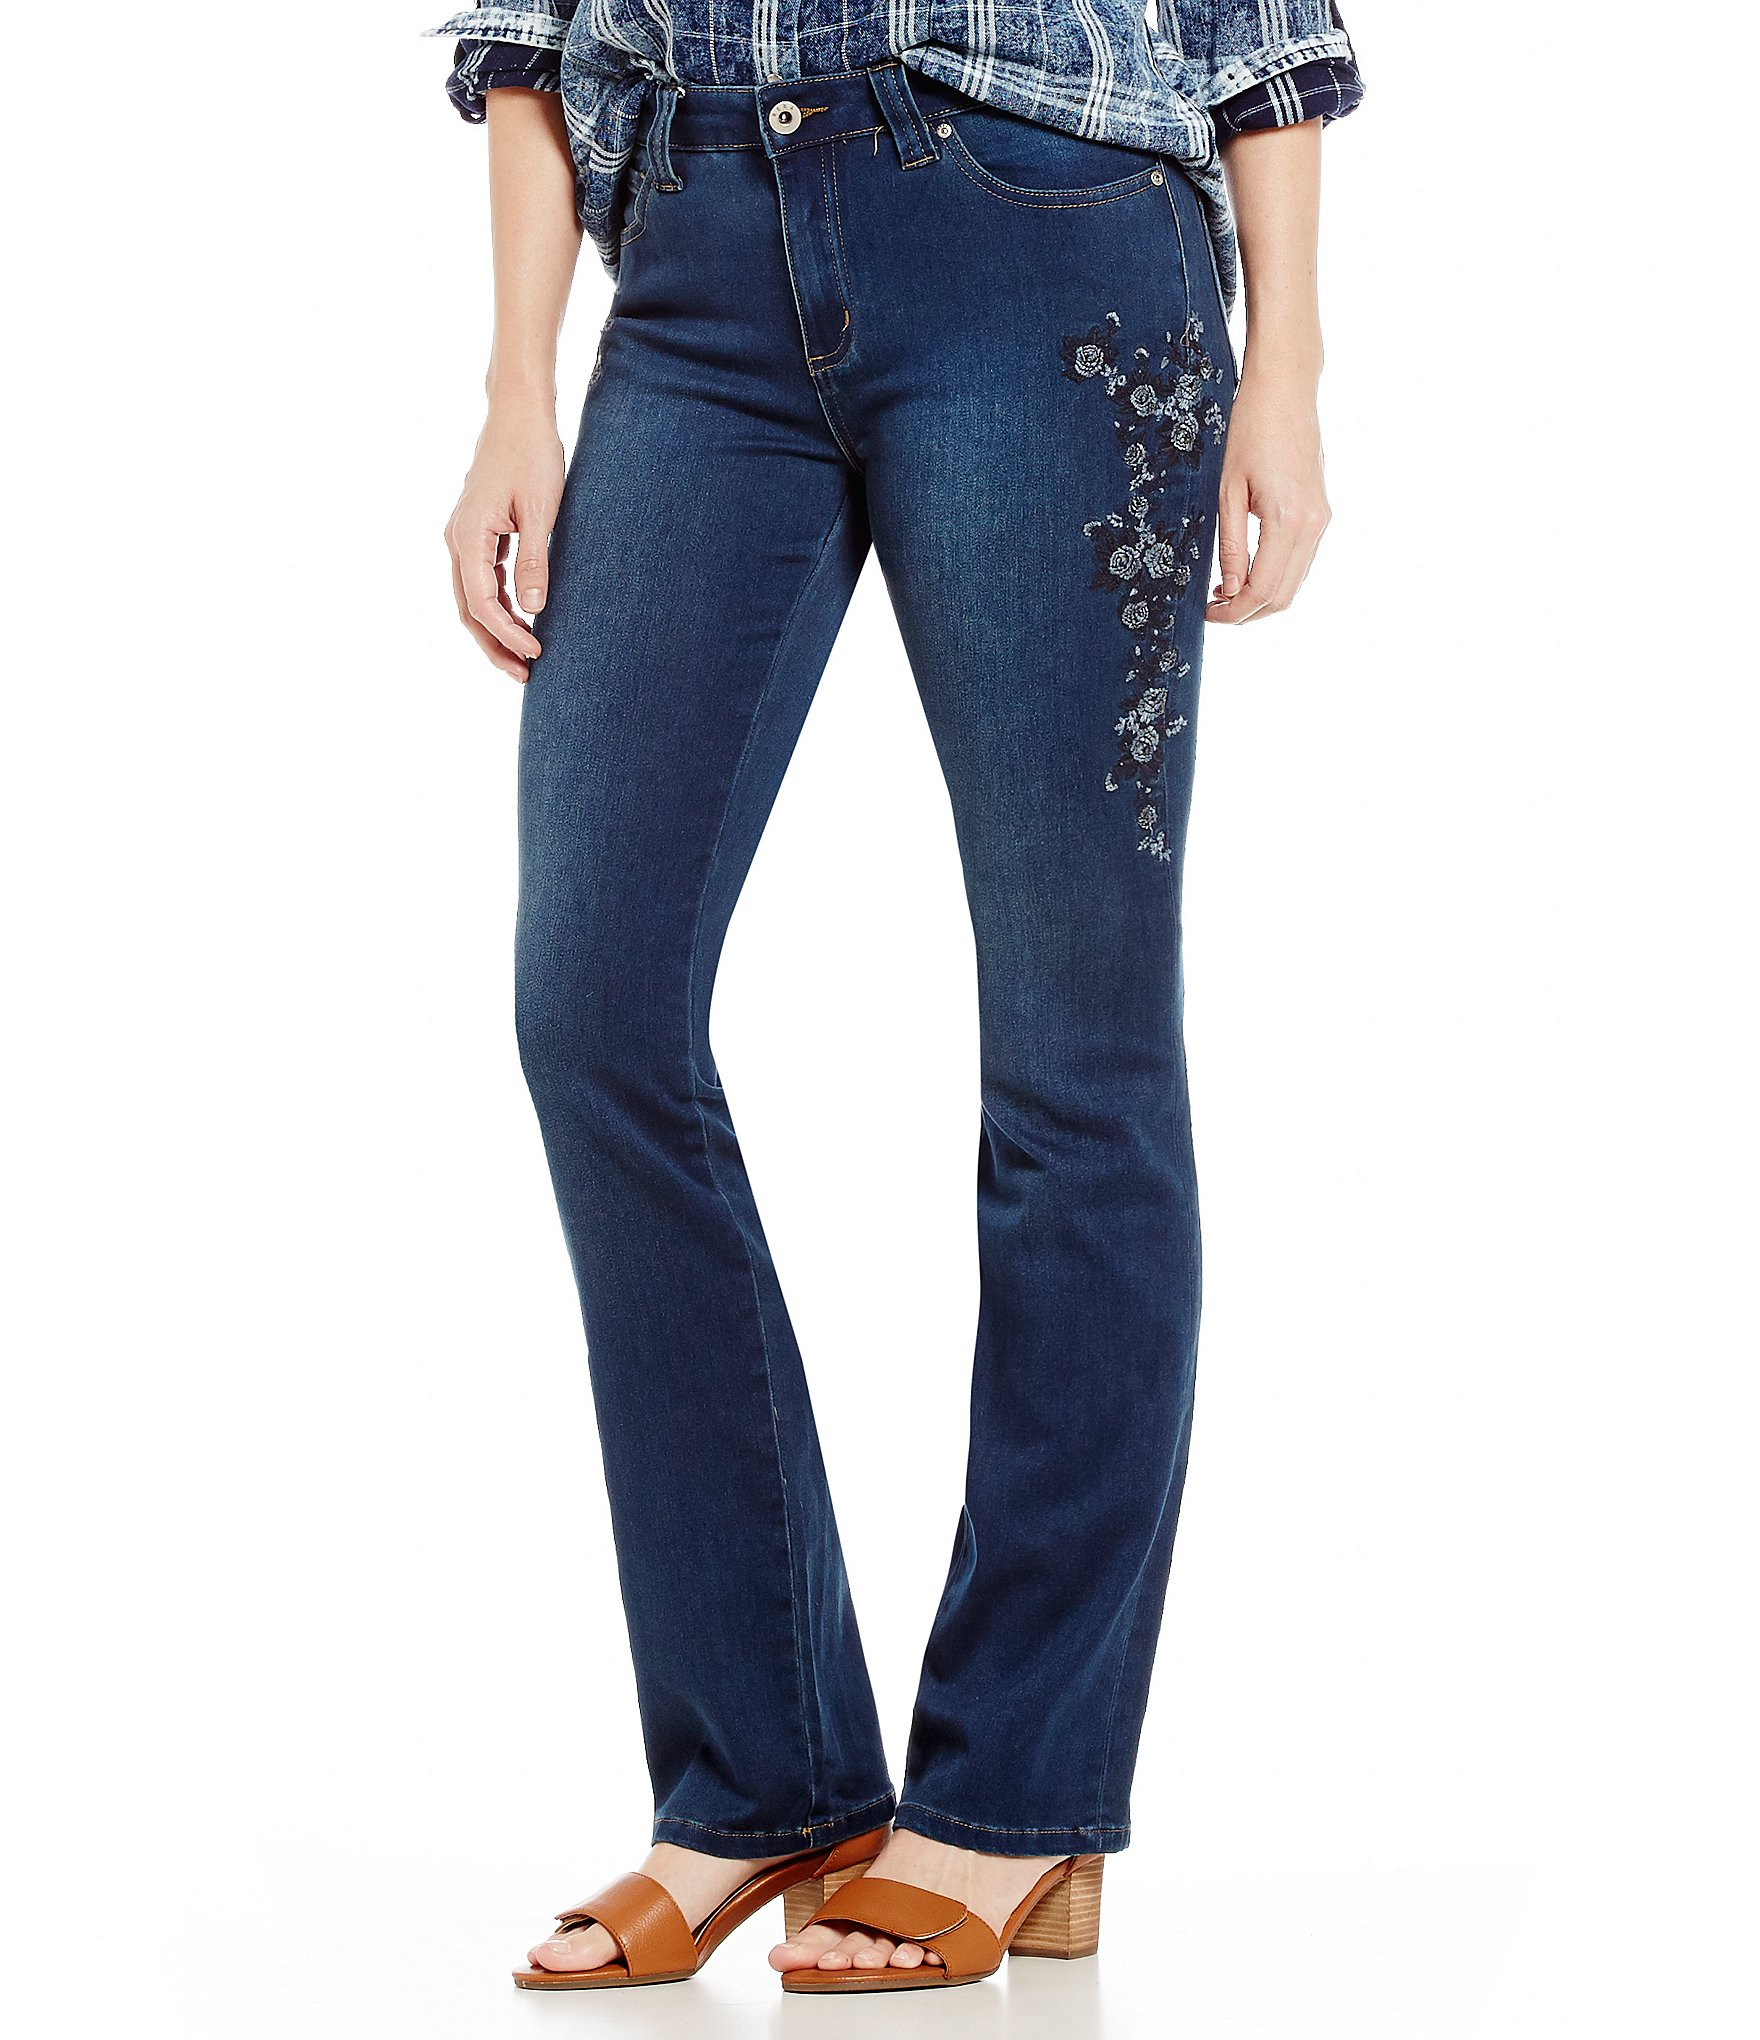 Reba jayden embroidered straight leg jean dillards